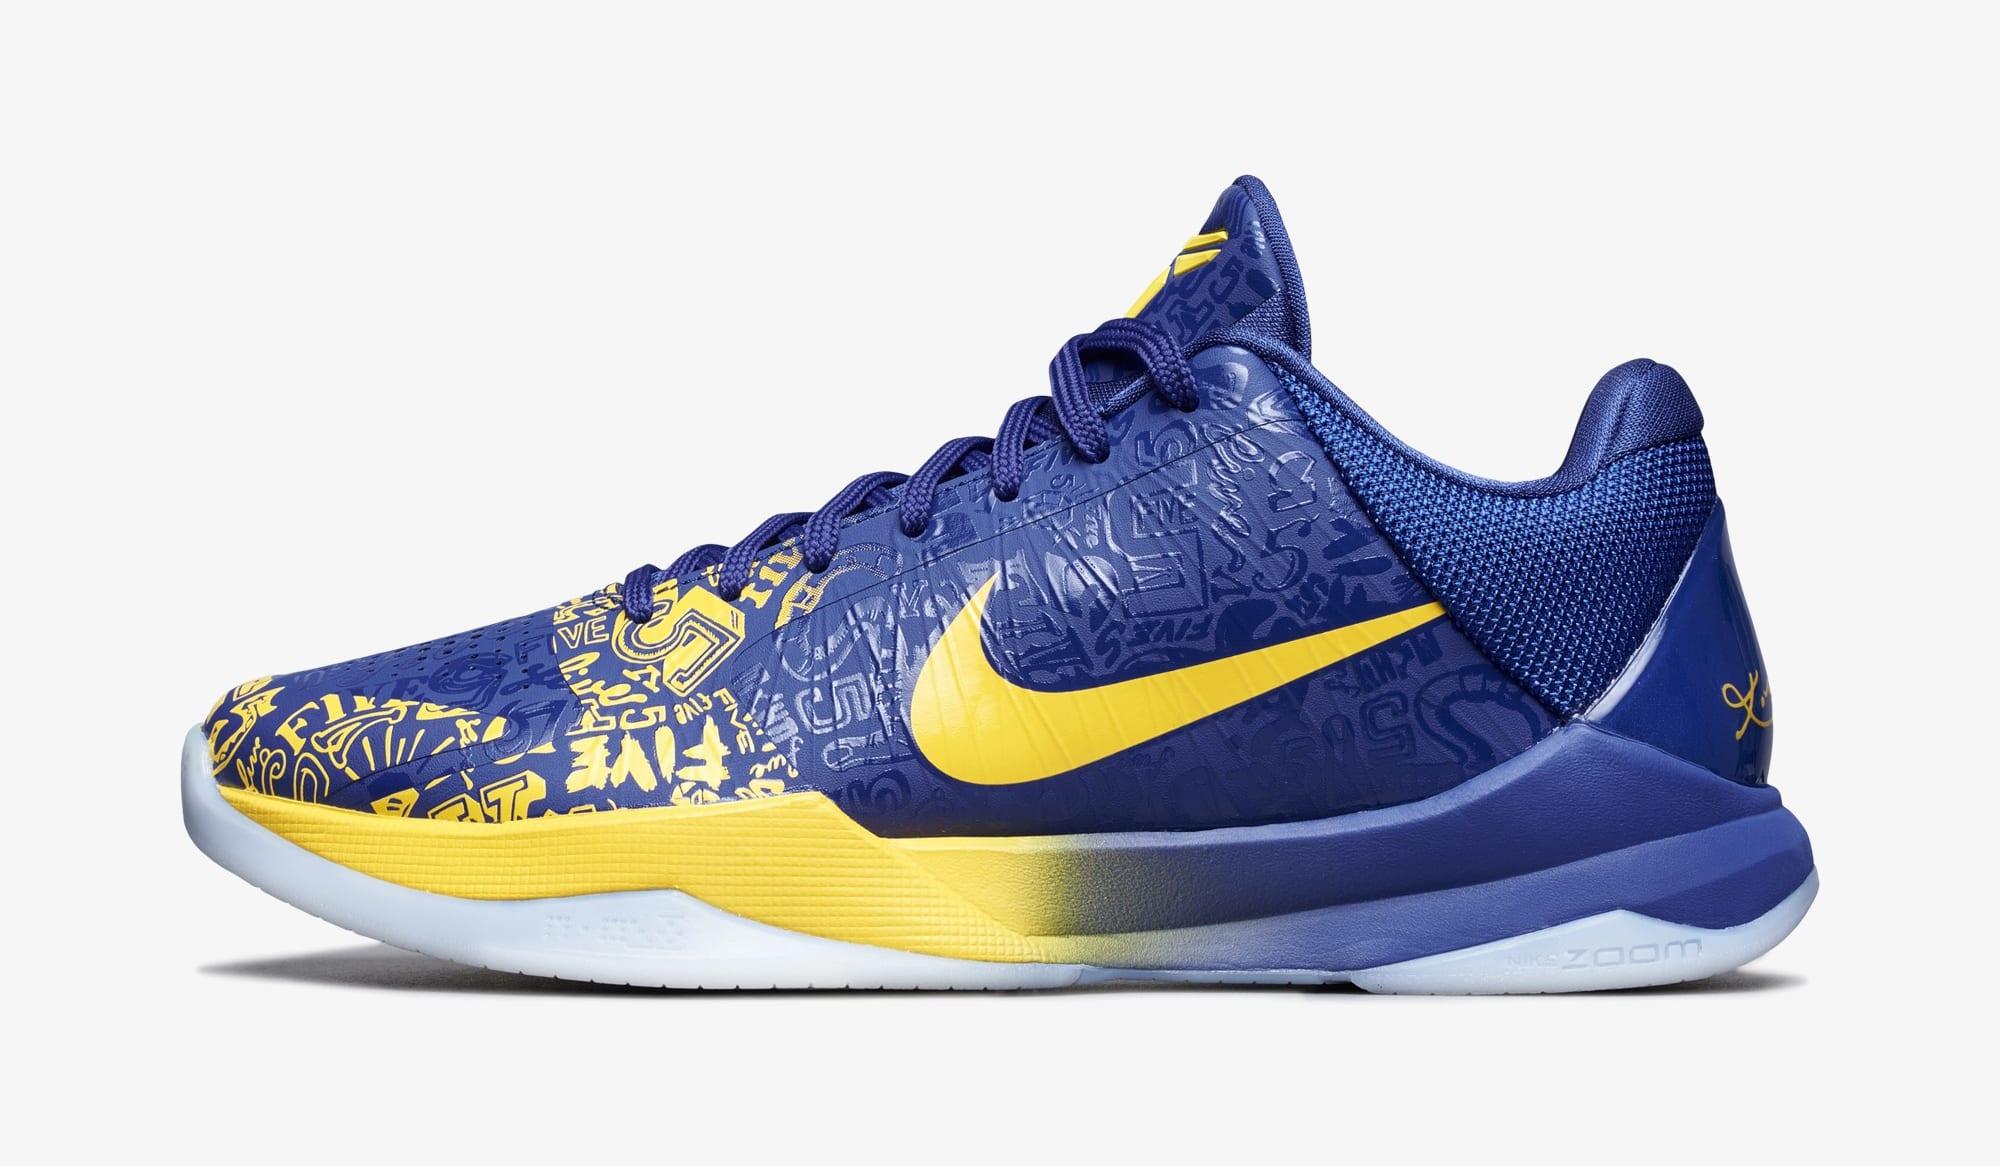 Nike Kobe 5 Protro 'Five Rings' CD4991-400 Lateral